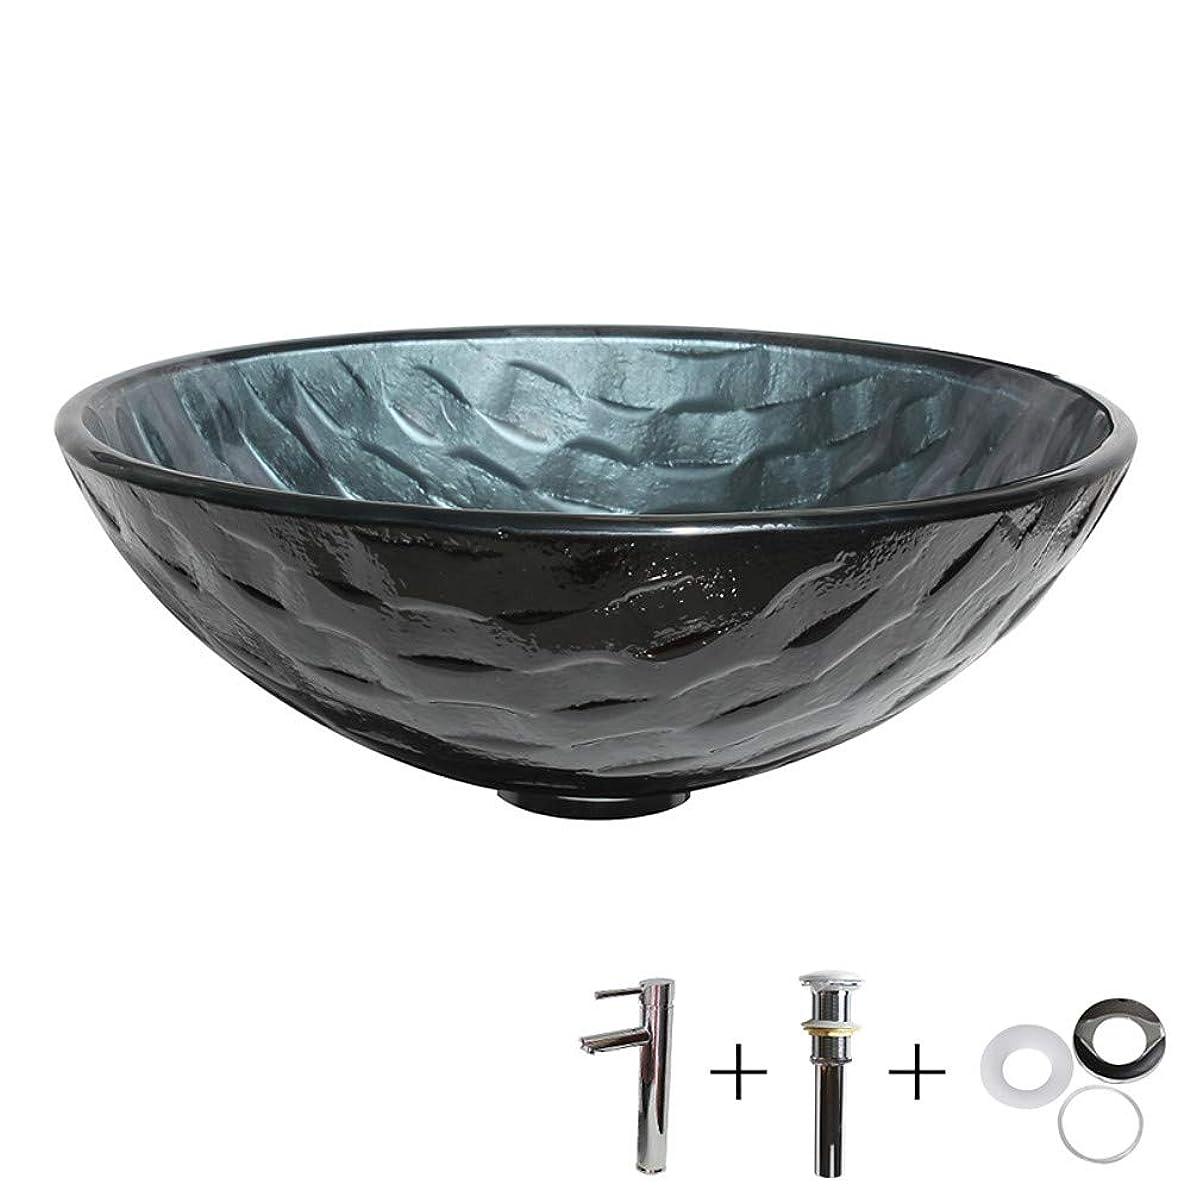 ボス厳密に昇るどのように-洗面ボウル 洗面ボウル/水栓/取付リング コンテンポラリー - 強化ガラス 円形